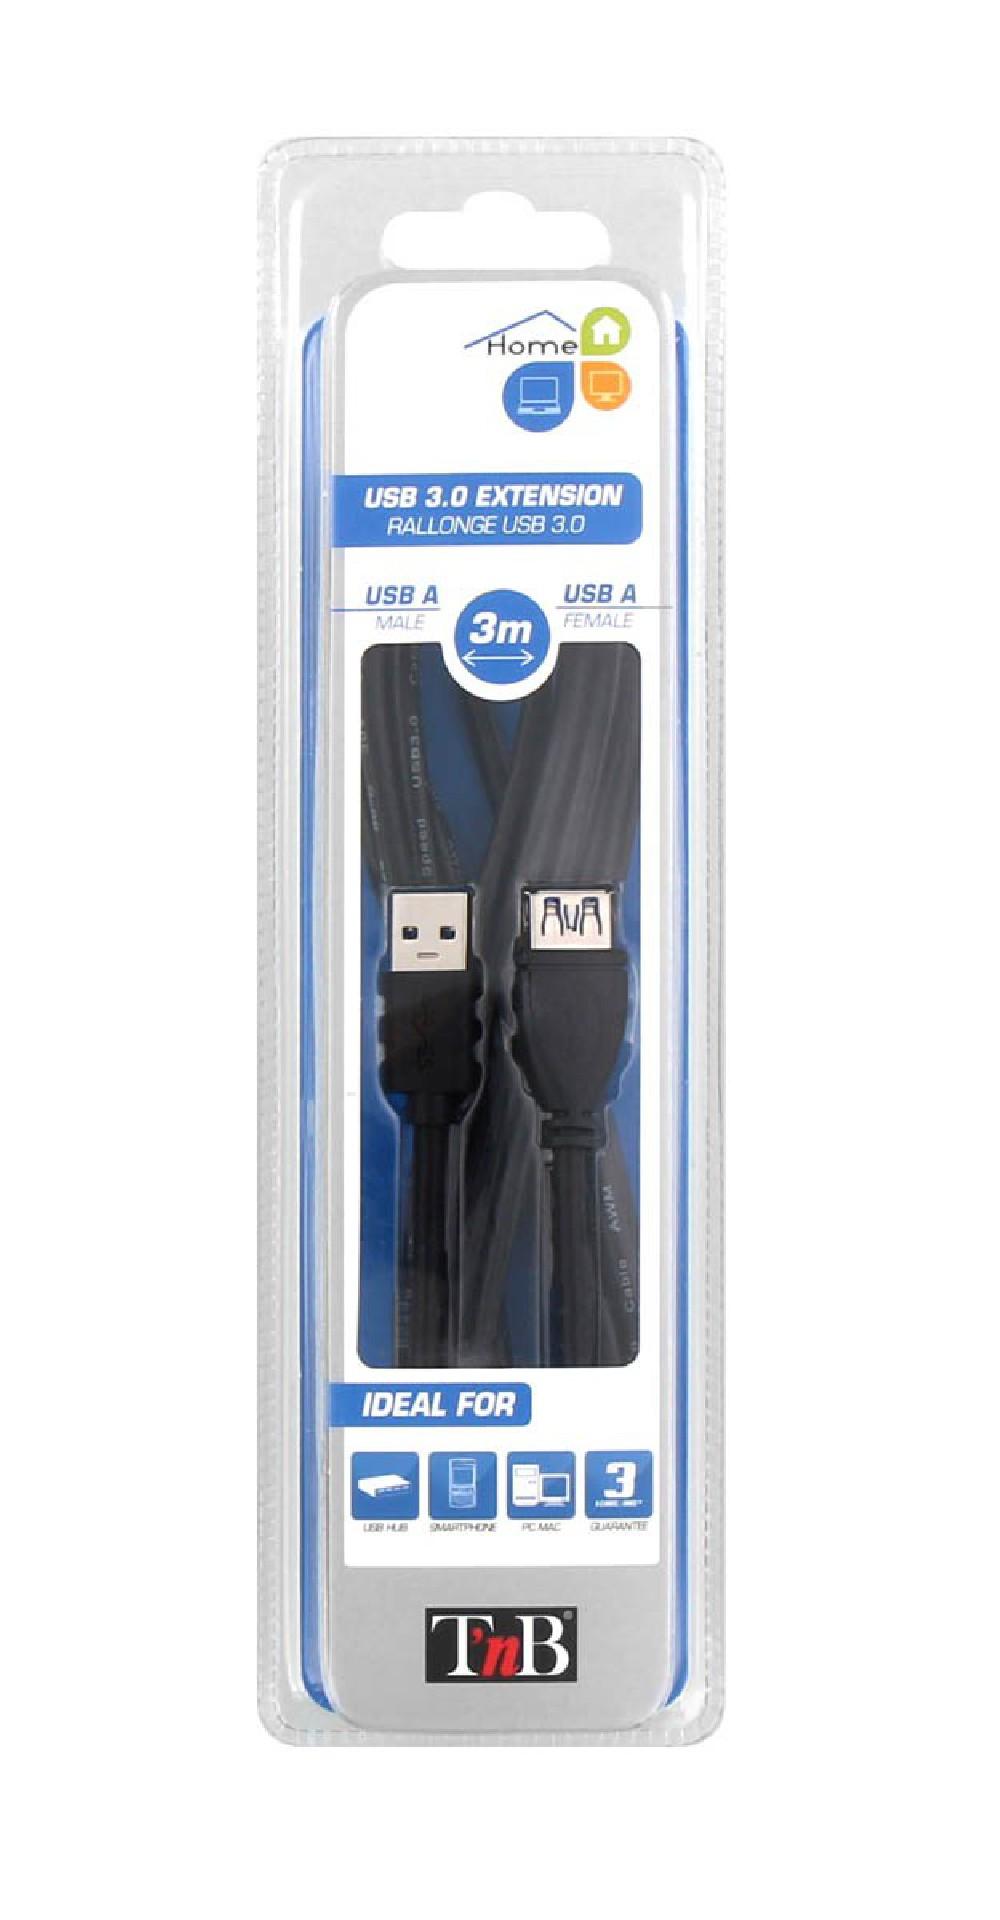 RALLONGE USB-A M/F 3M